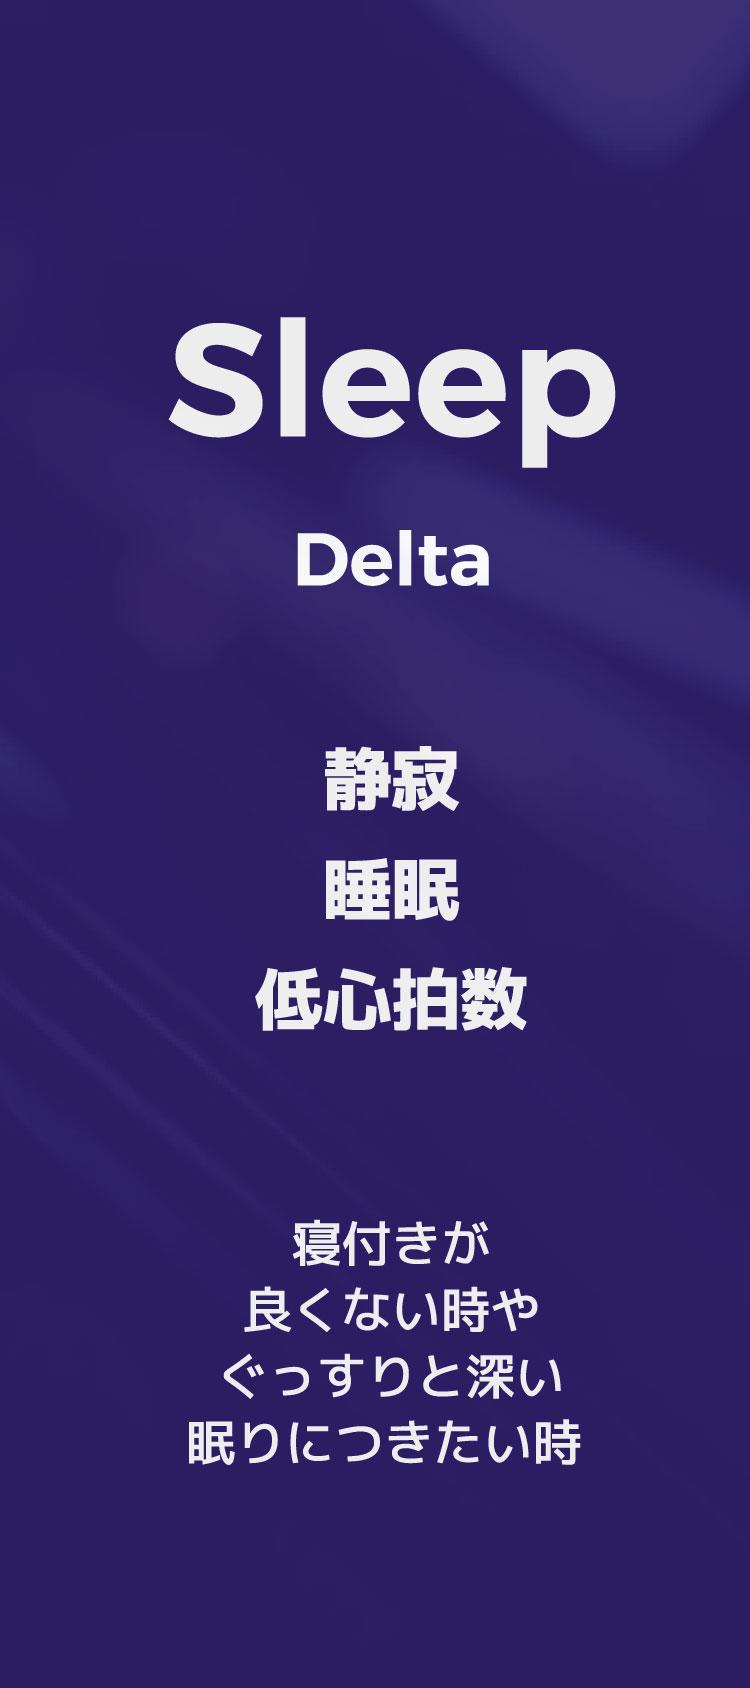 【Sleep】Delta 静寂・睡眠・低心拍数(寝付きが良くない時やぐっすりと深い眠りにつきたい時 )